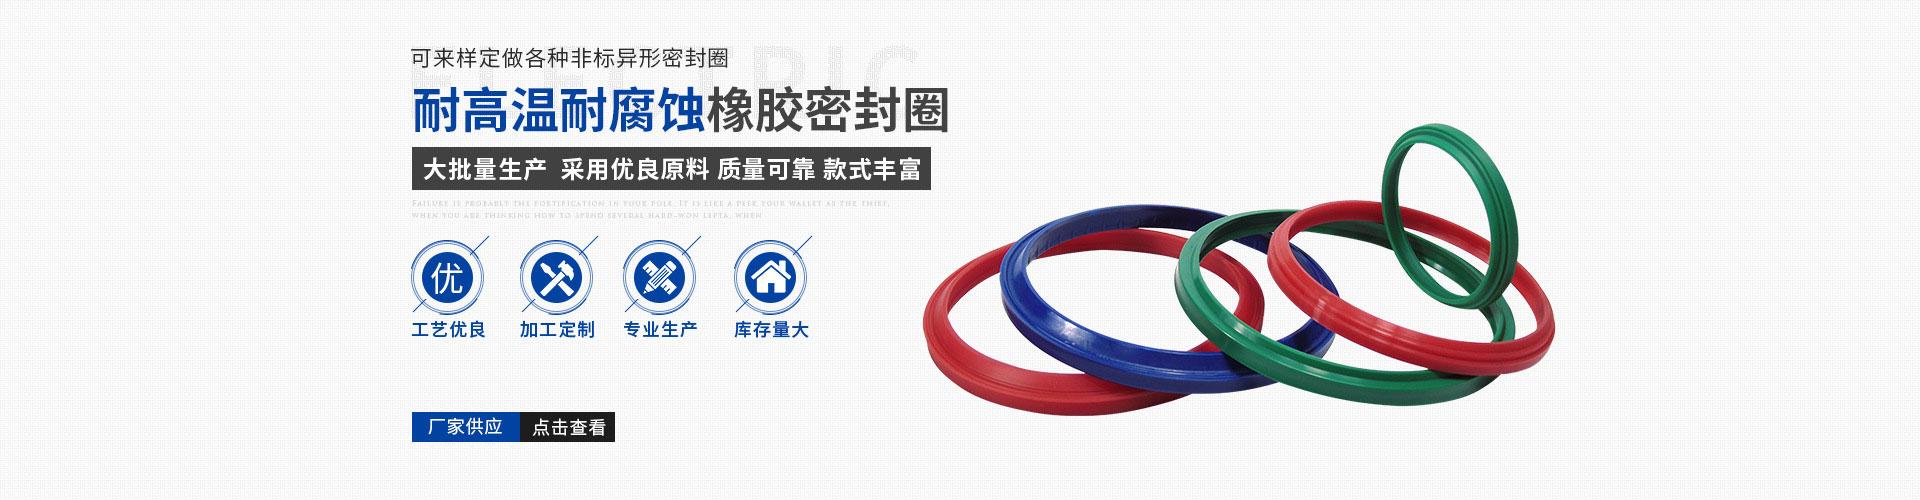 苒邦密封技术上海有限公司大量生产耐高温耐腐蚀进口密封垫圈o型圈